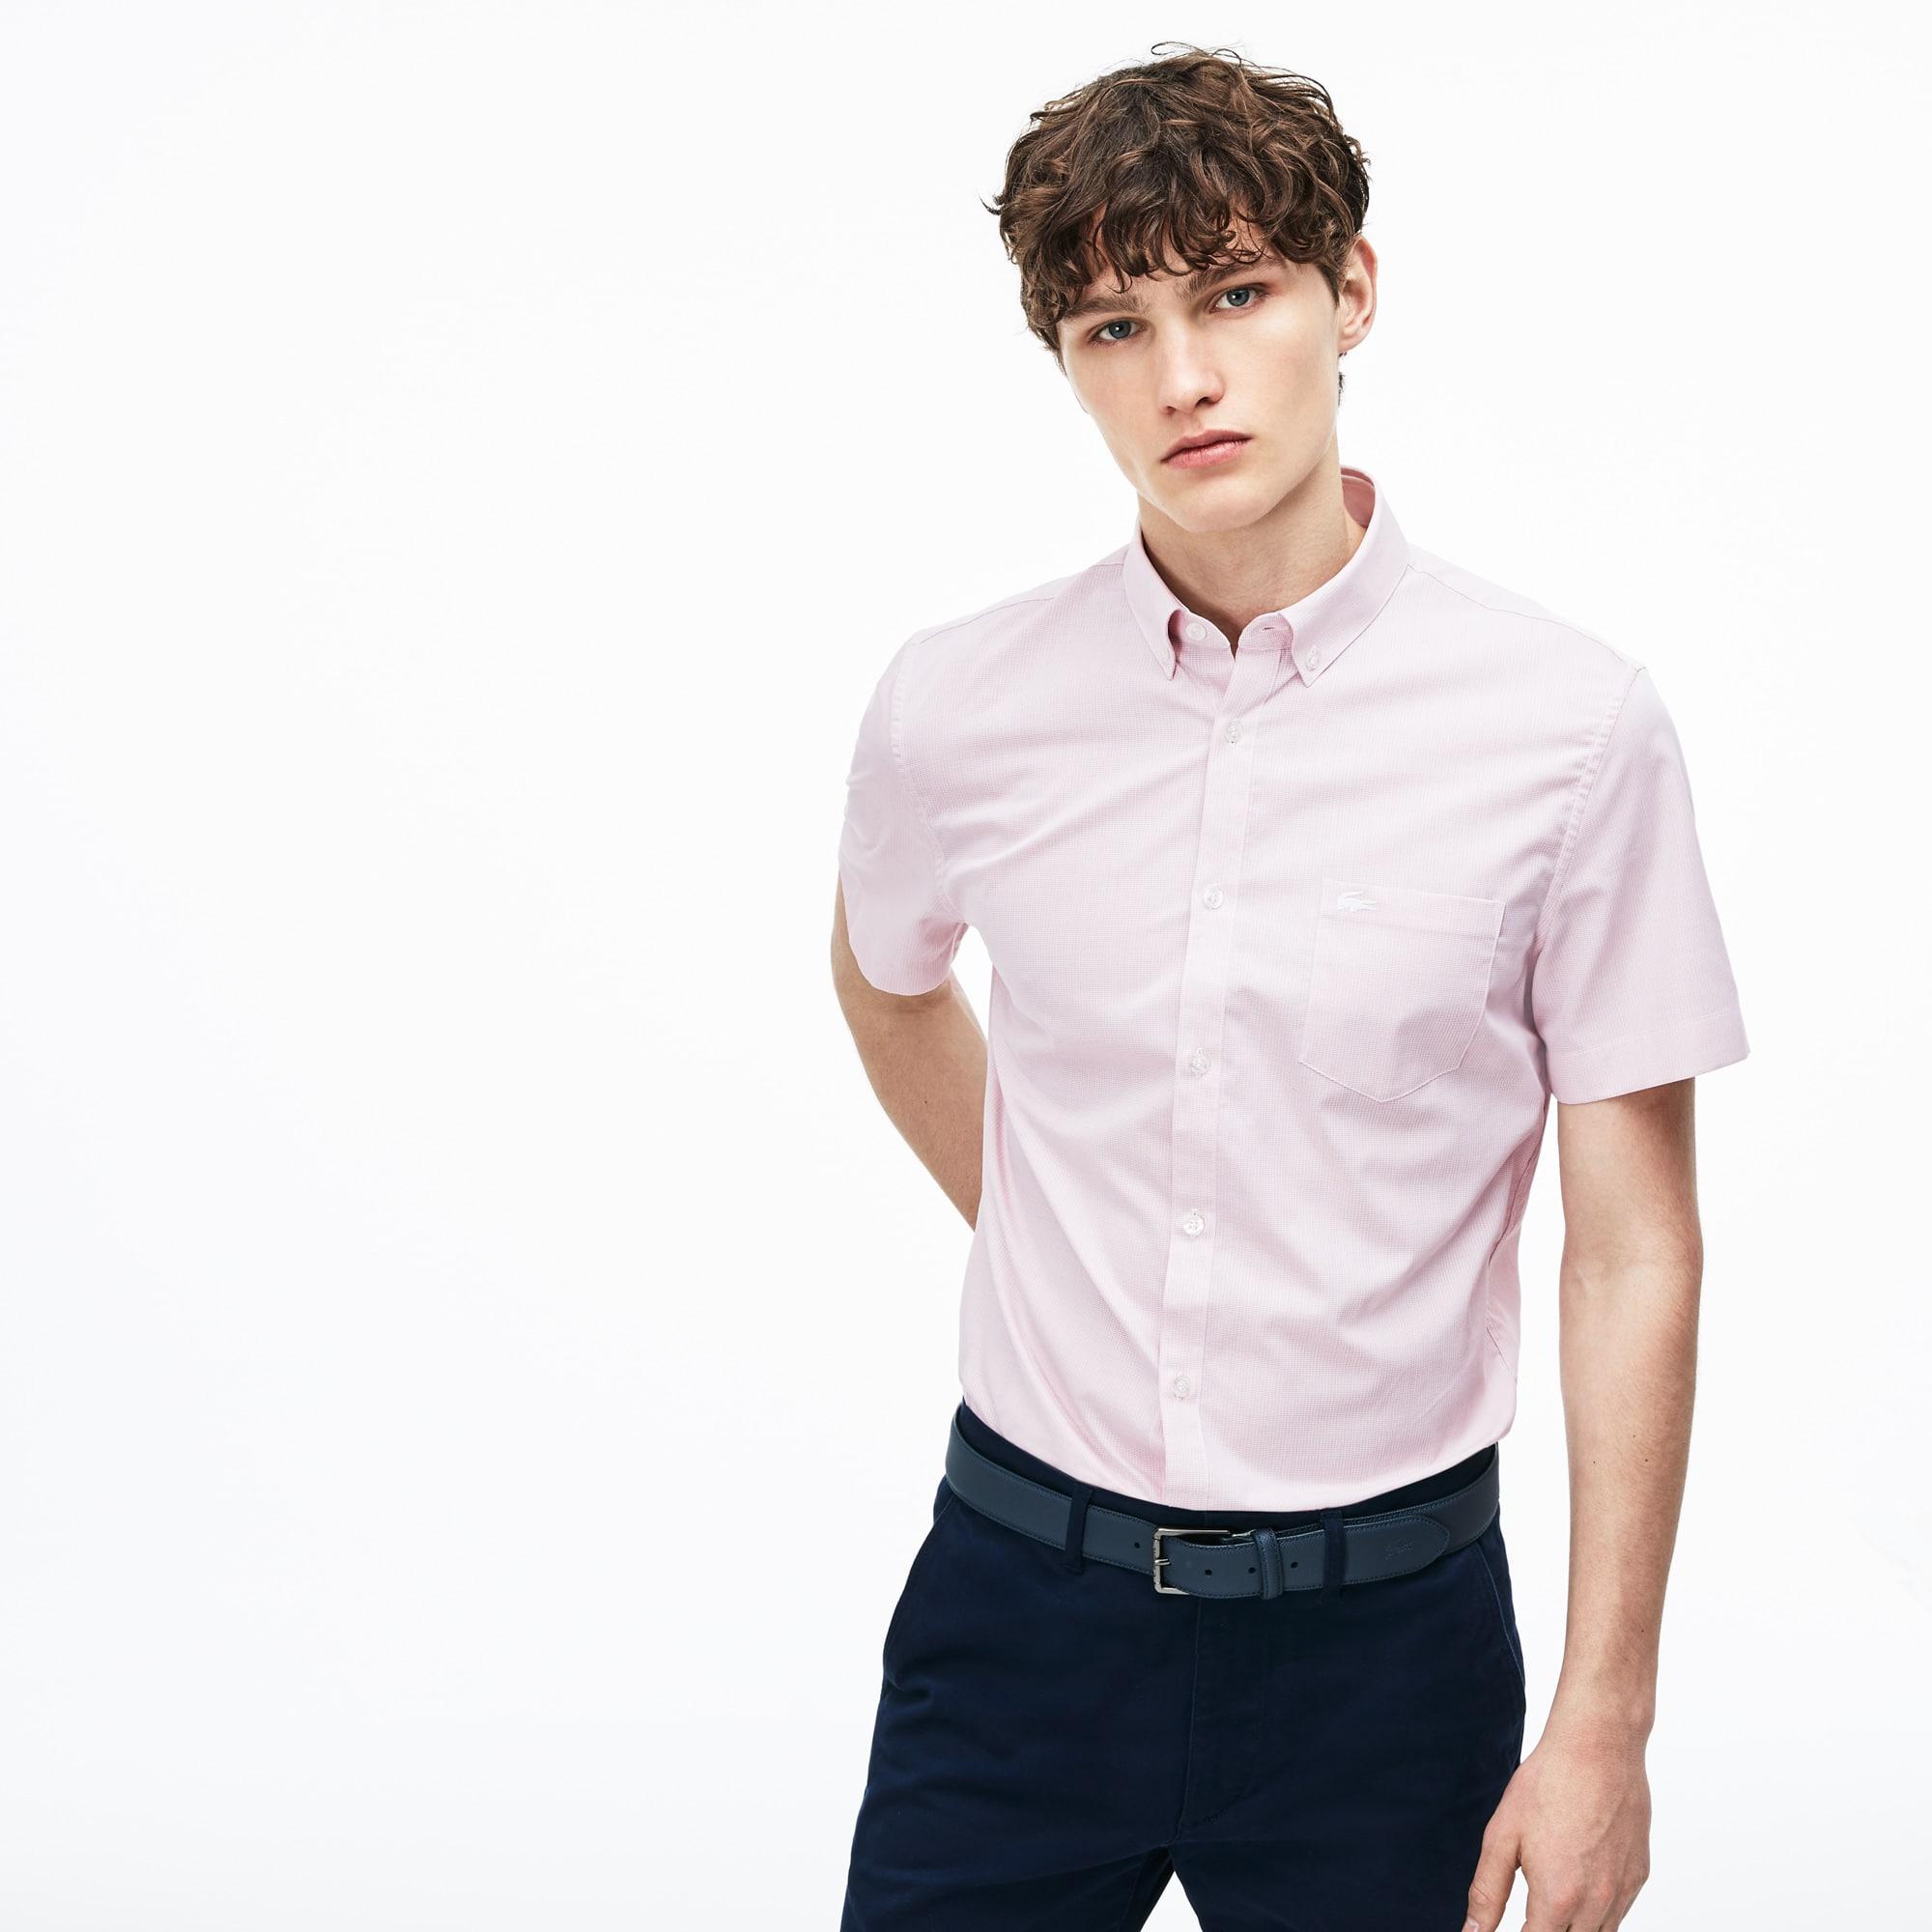 CourtesVêtements Homme Lacoste Chemises Manches À QdxtshrC